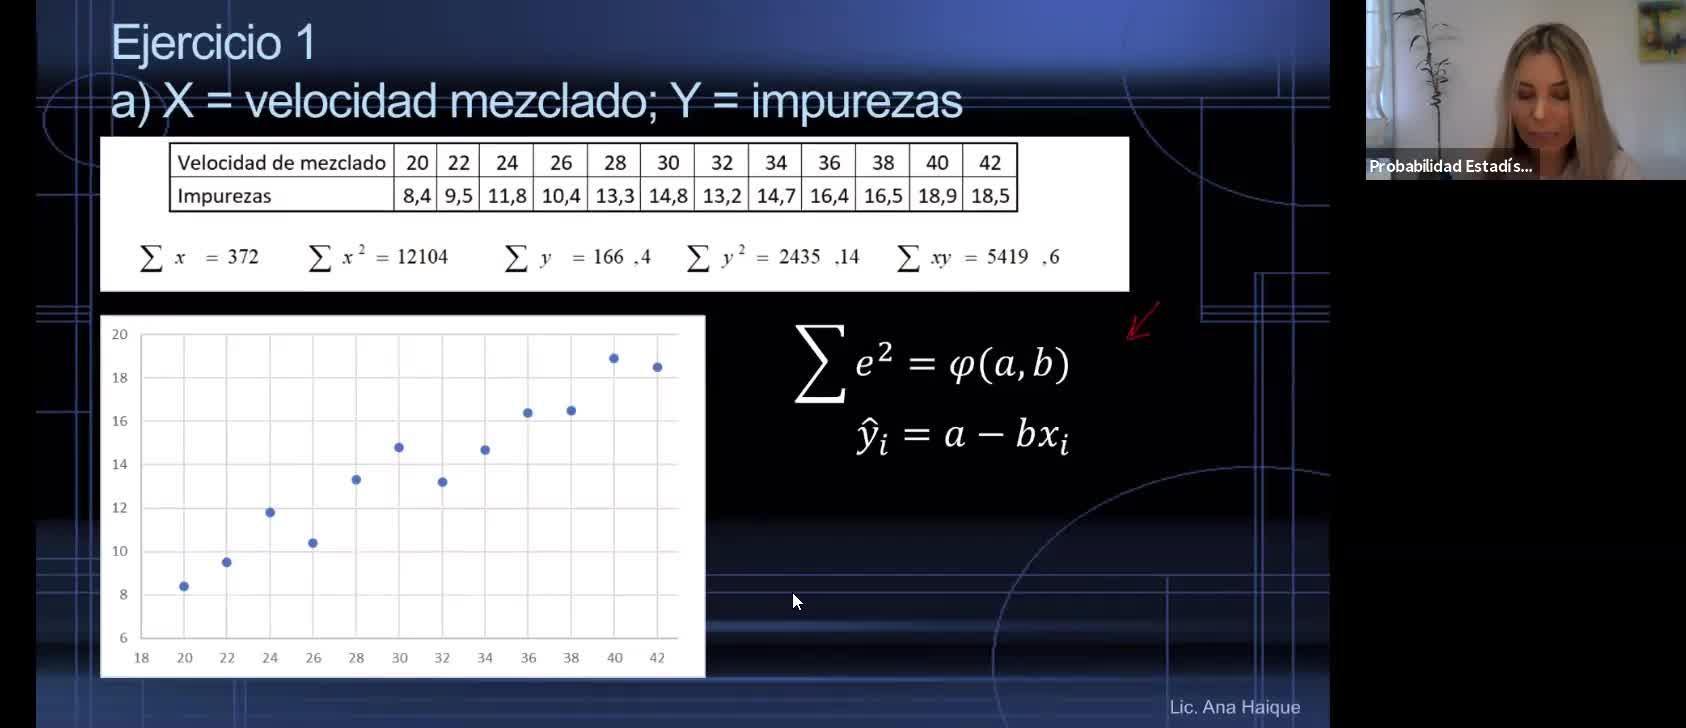 Práctica de Regresión Lineal - Estadística para Ingeniería 2020